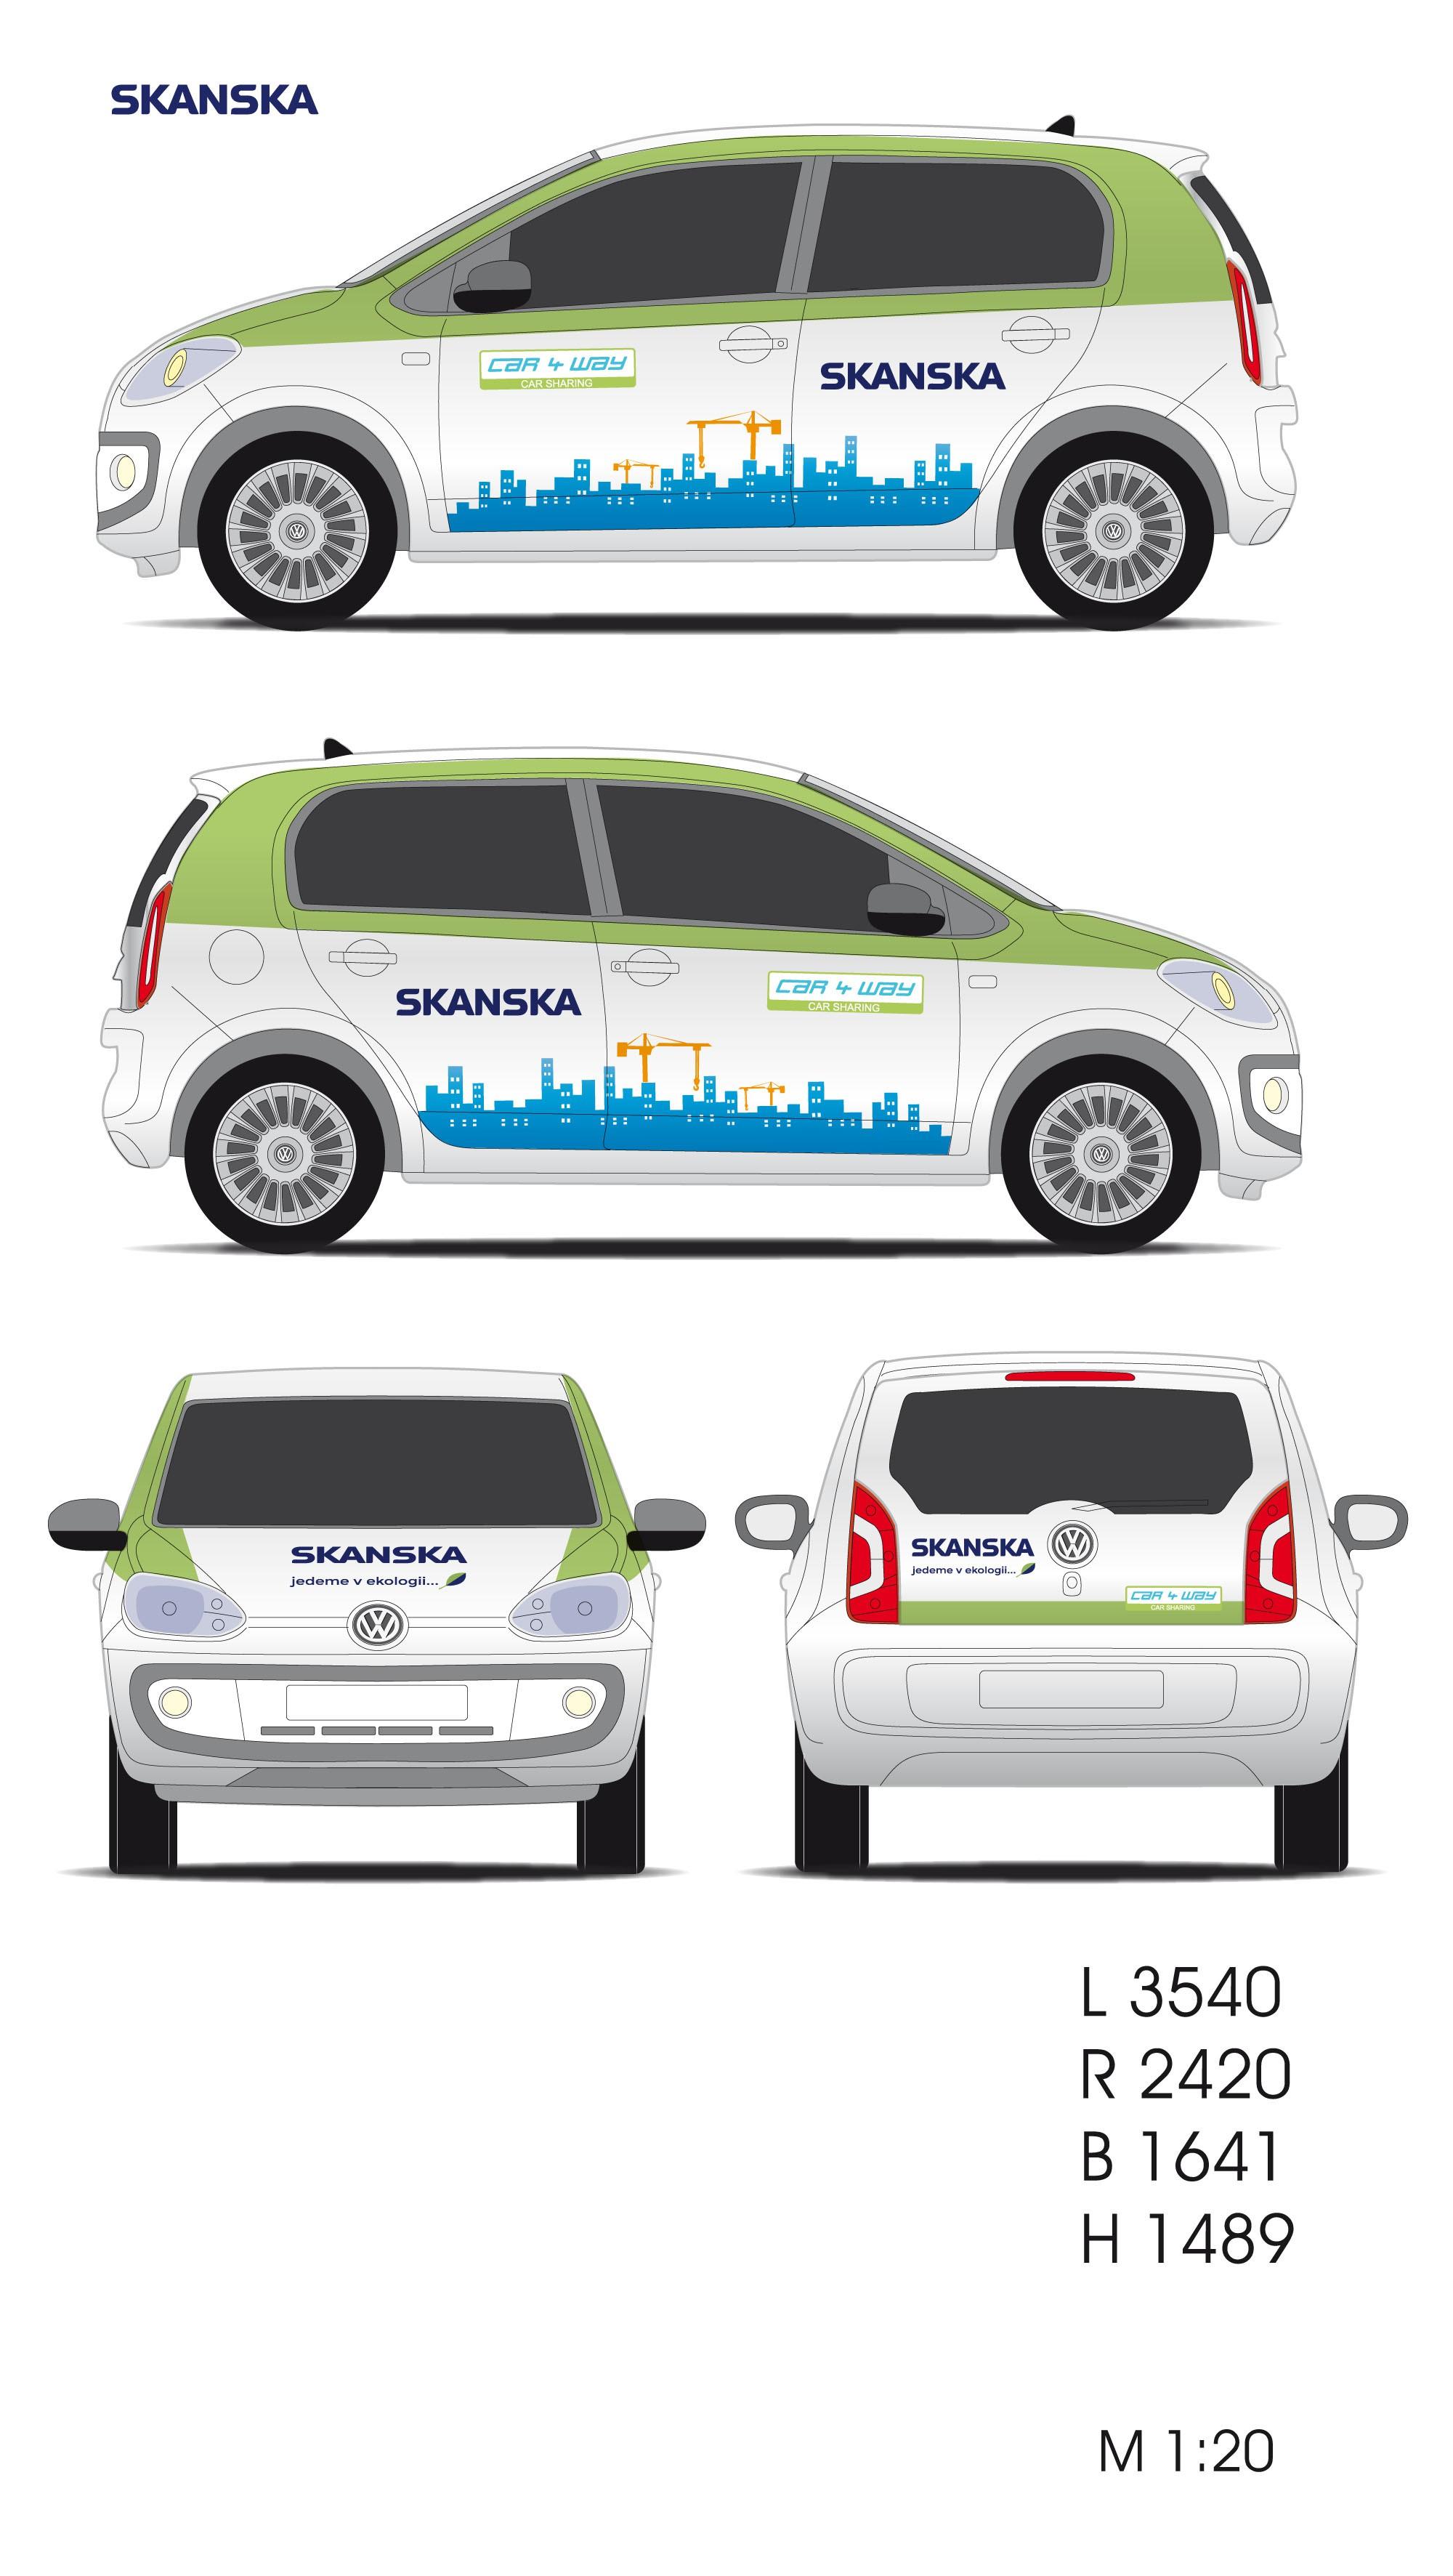 Design for our E-car (VW e-UP) needed!